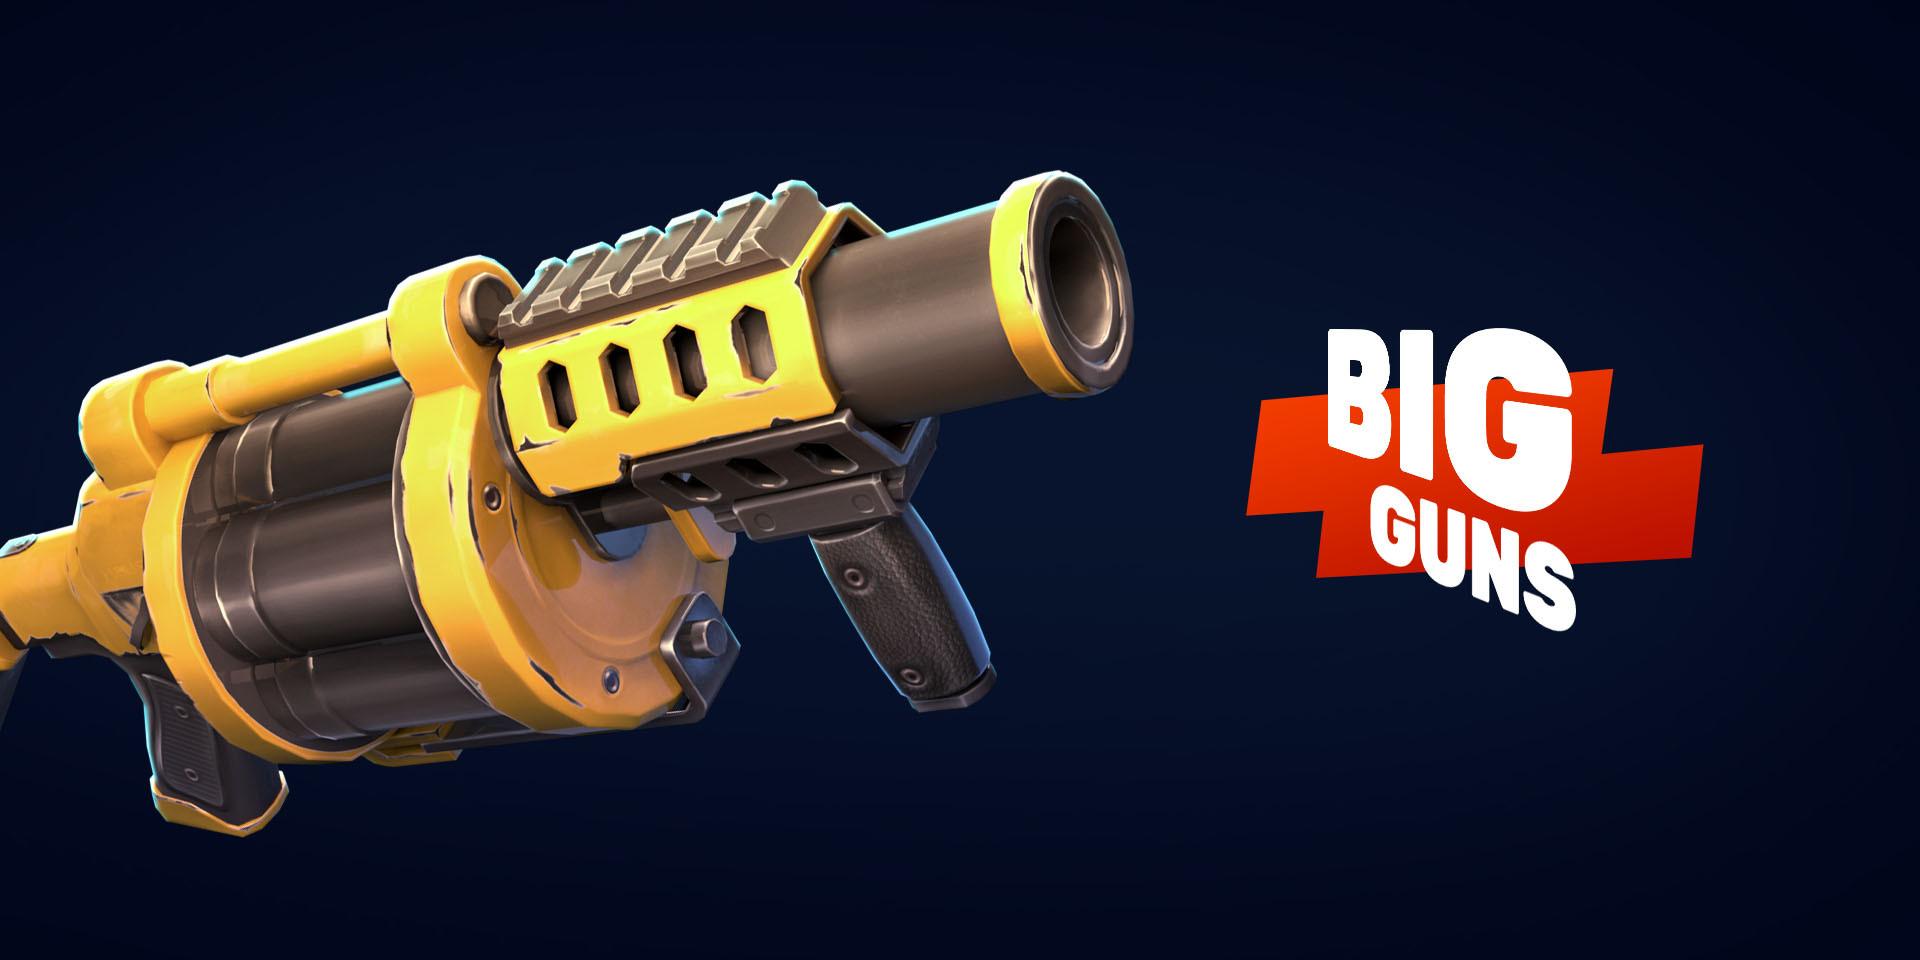 big-guns-WoynYY1niK